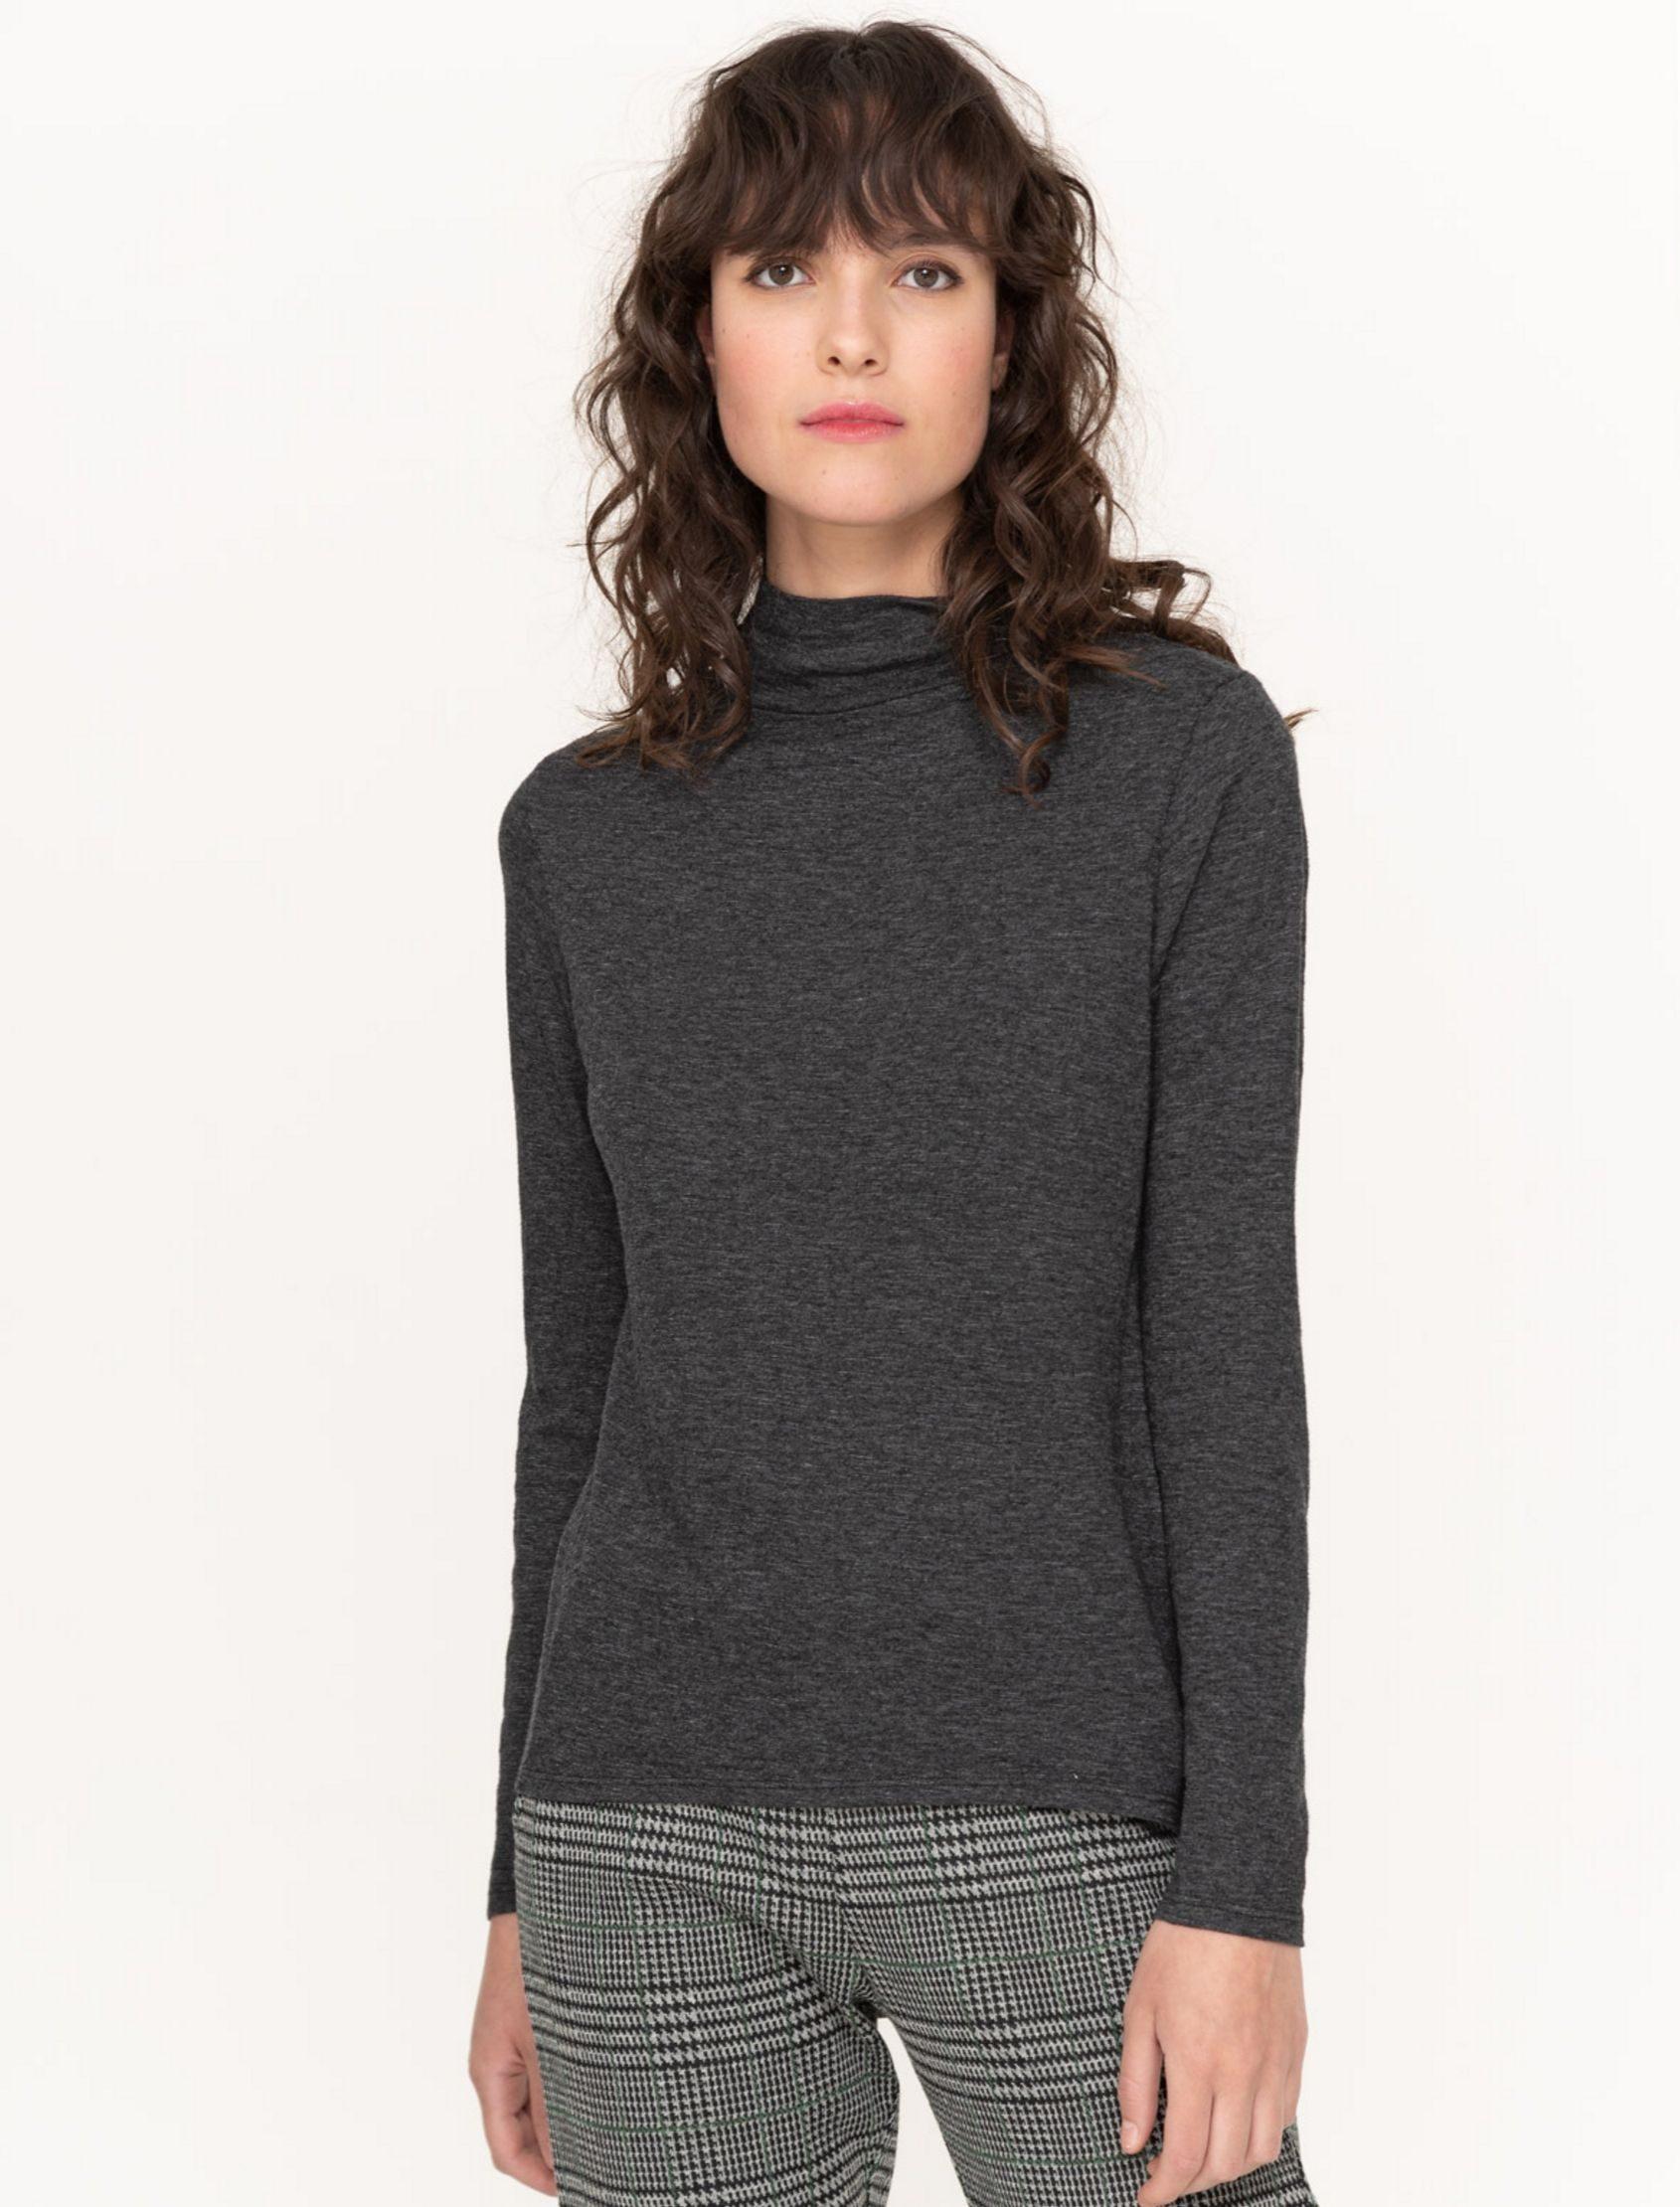 camiseta cuello perkins de mujer de punto en tono gris de la marca yerse